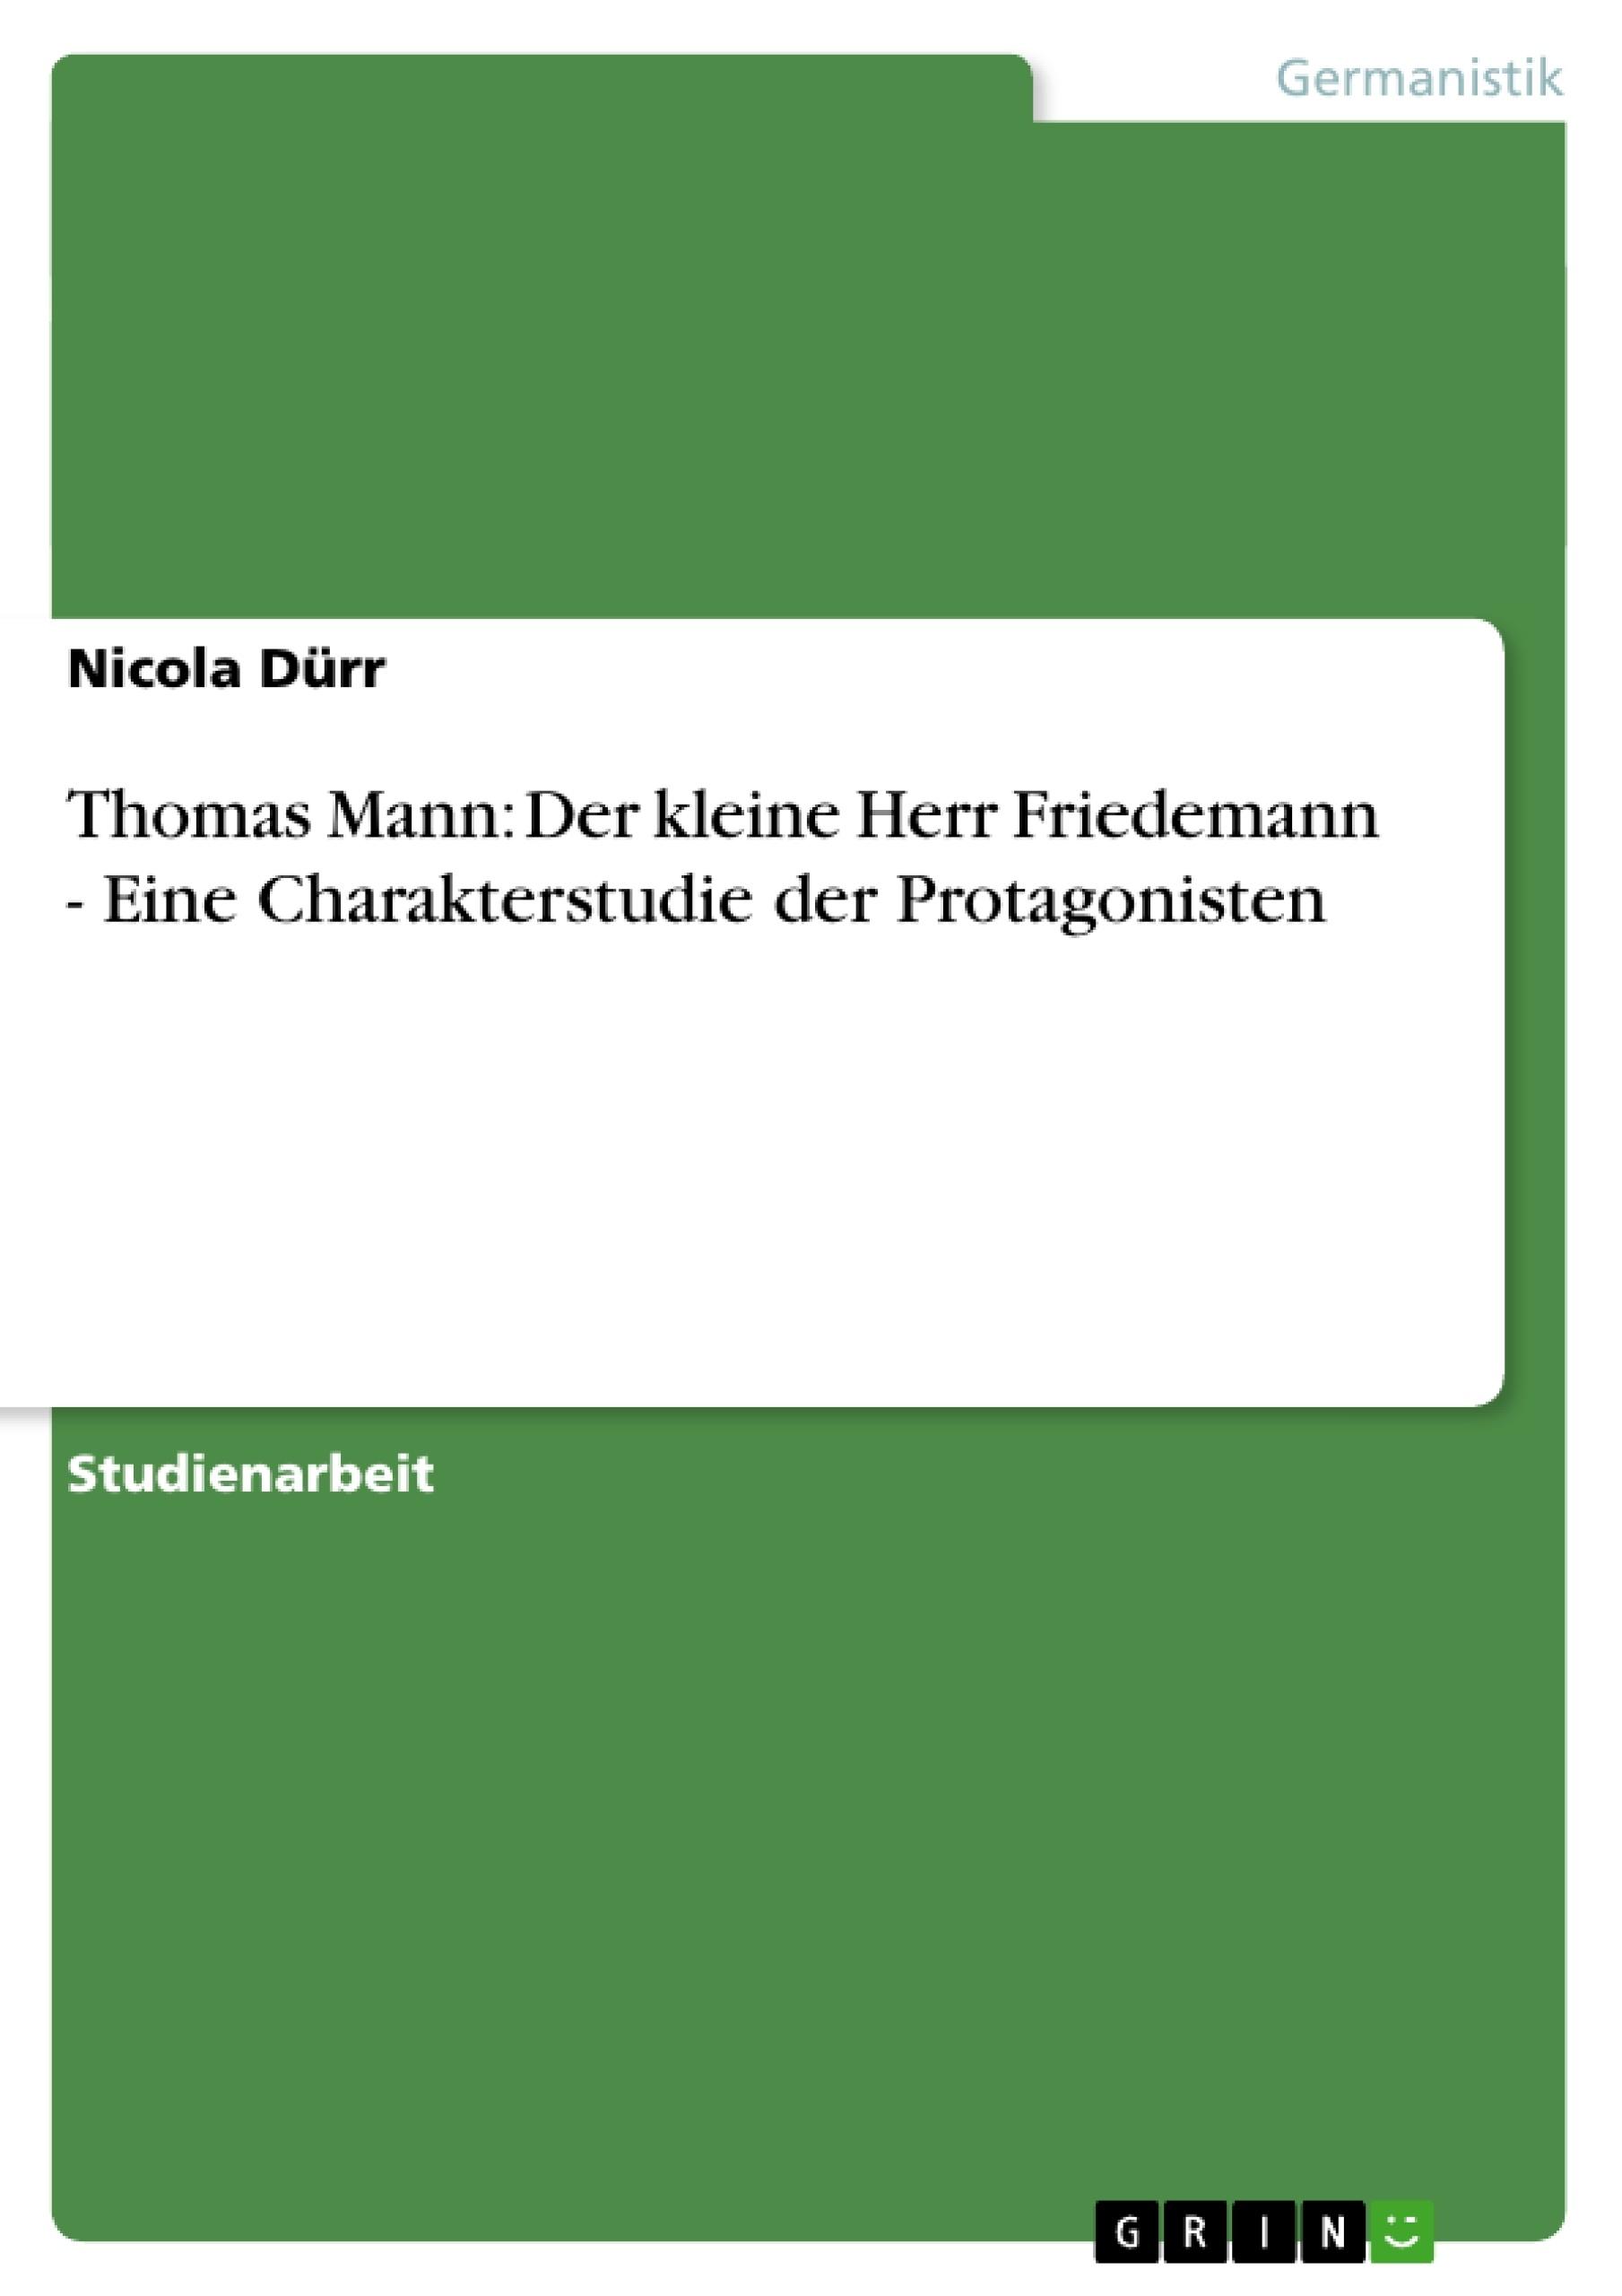 Titel: Thomas Mann: Der kleine Herr Friedemann - Eine Charakterstudie der Protagonisten